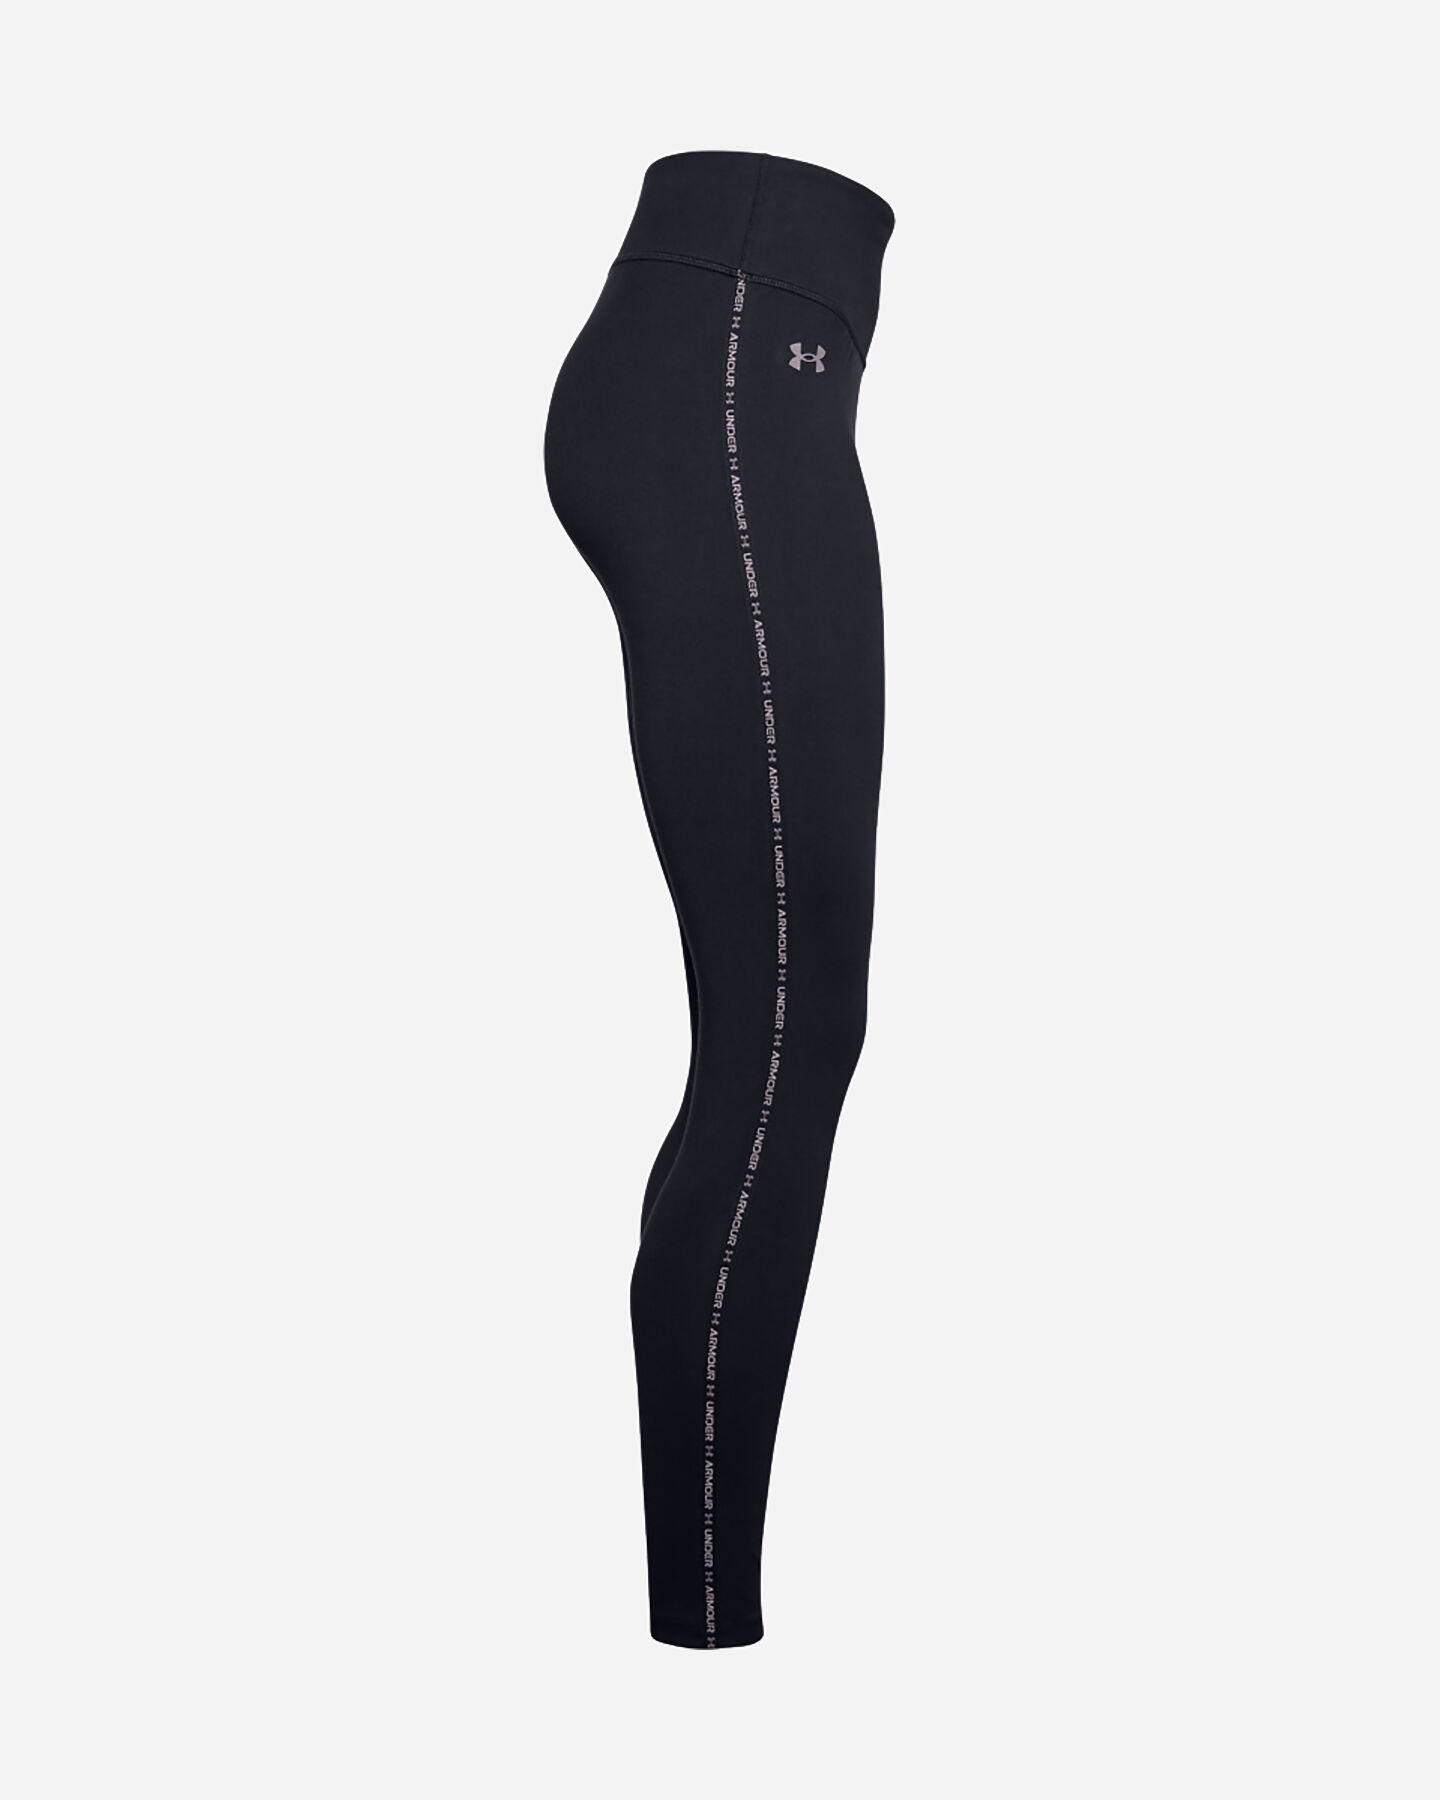 Leggings UNDER ARMOUR FAVORITE HI RISE W S5229253 scatto 1